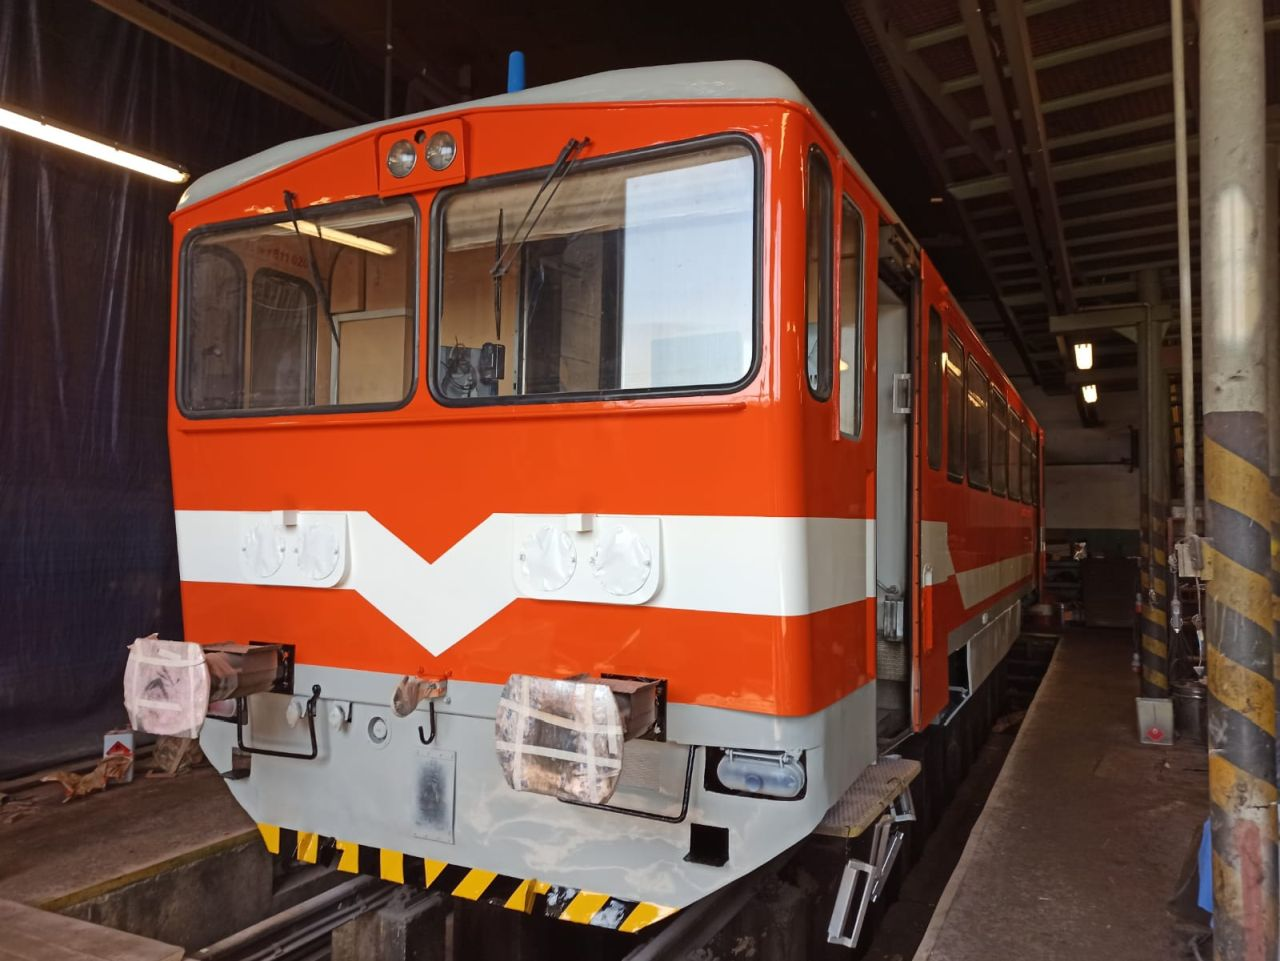 Motorový vůz 811.020 společnosti Railway Capital. Foto: Jan Šatava